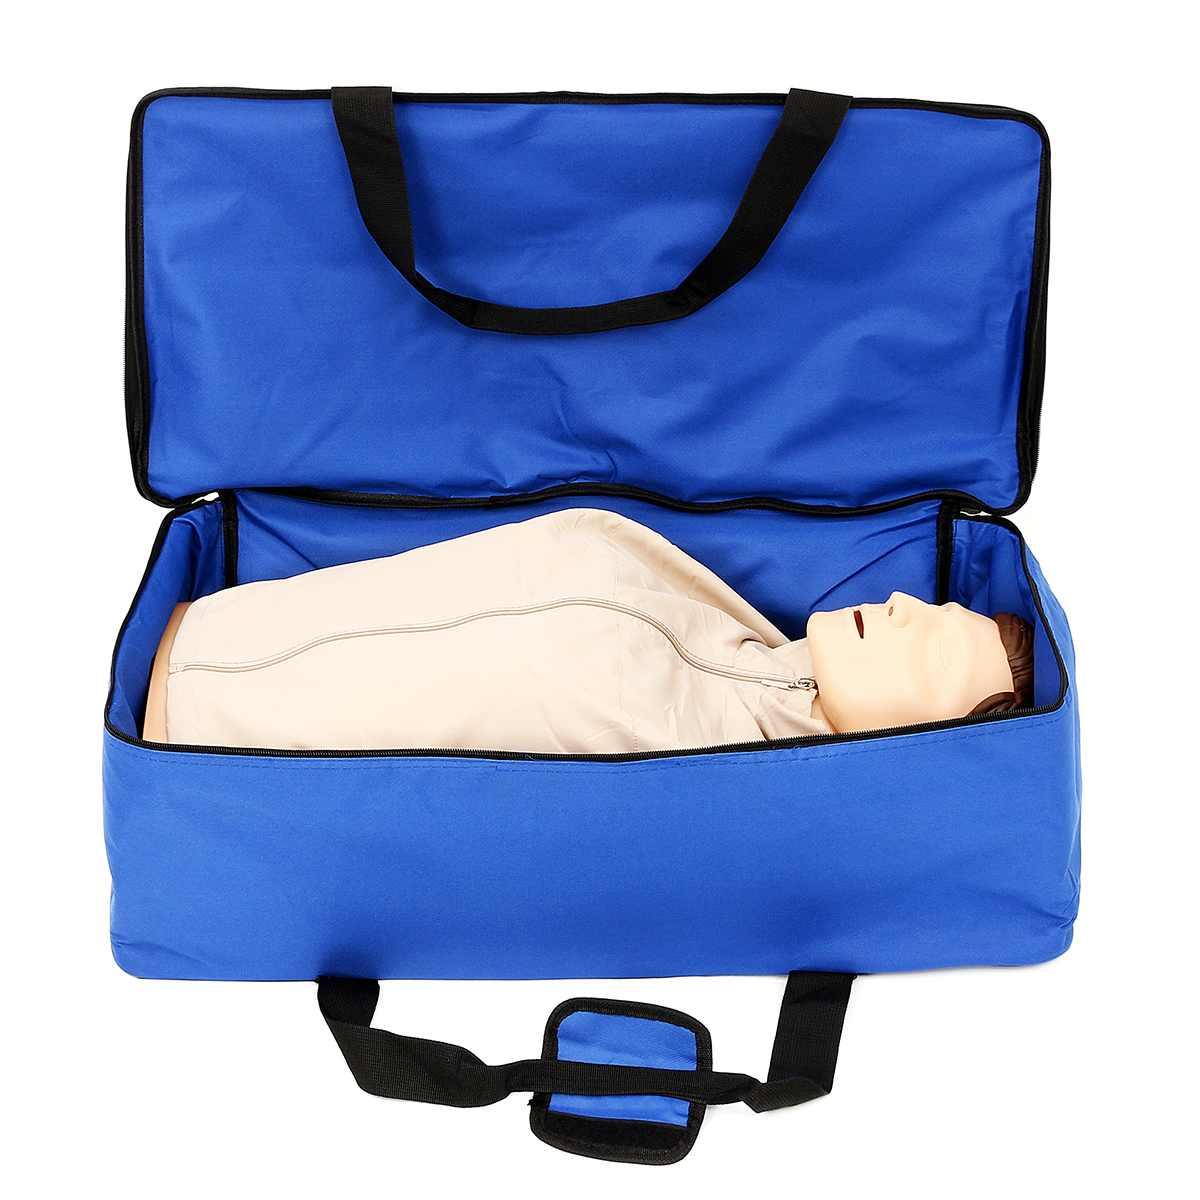 Mannequin de formation en rcr 70x22x34 cm buste Mannequin de formation en soins infirmiers professionnels modèle médical modèle de formation en premiers soins humains nouveau - 6